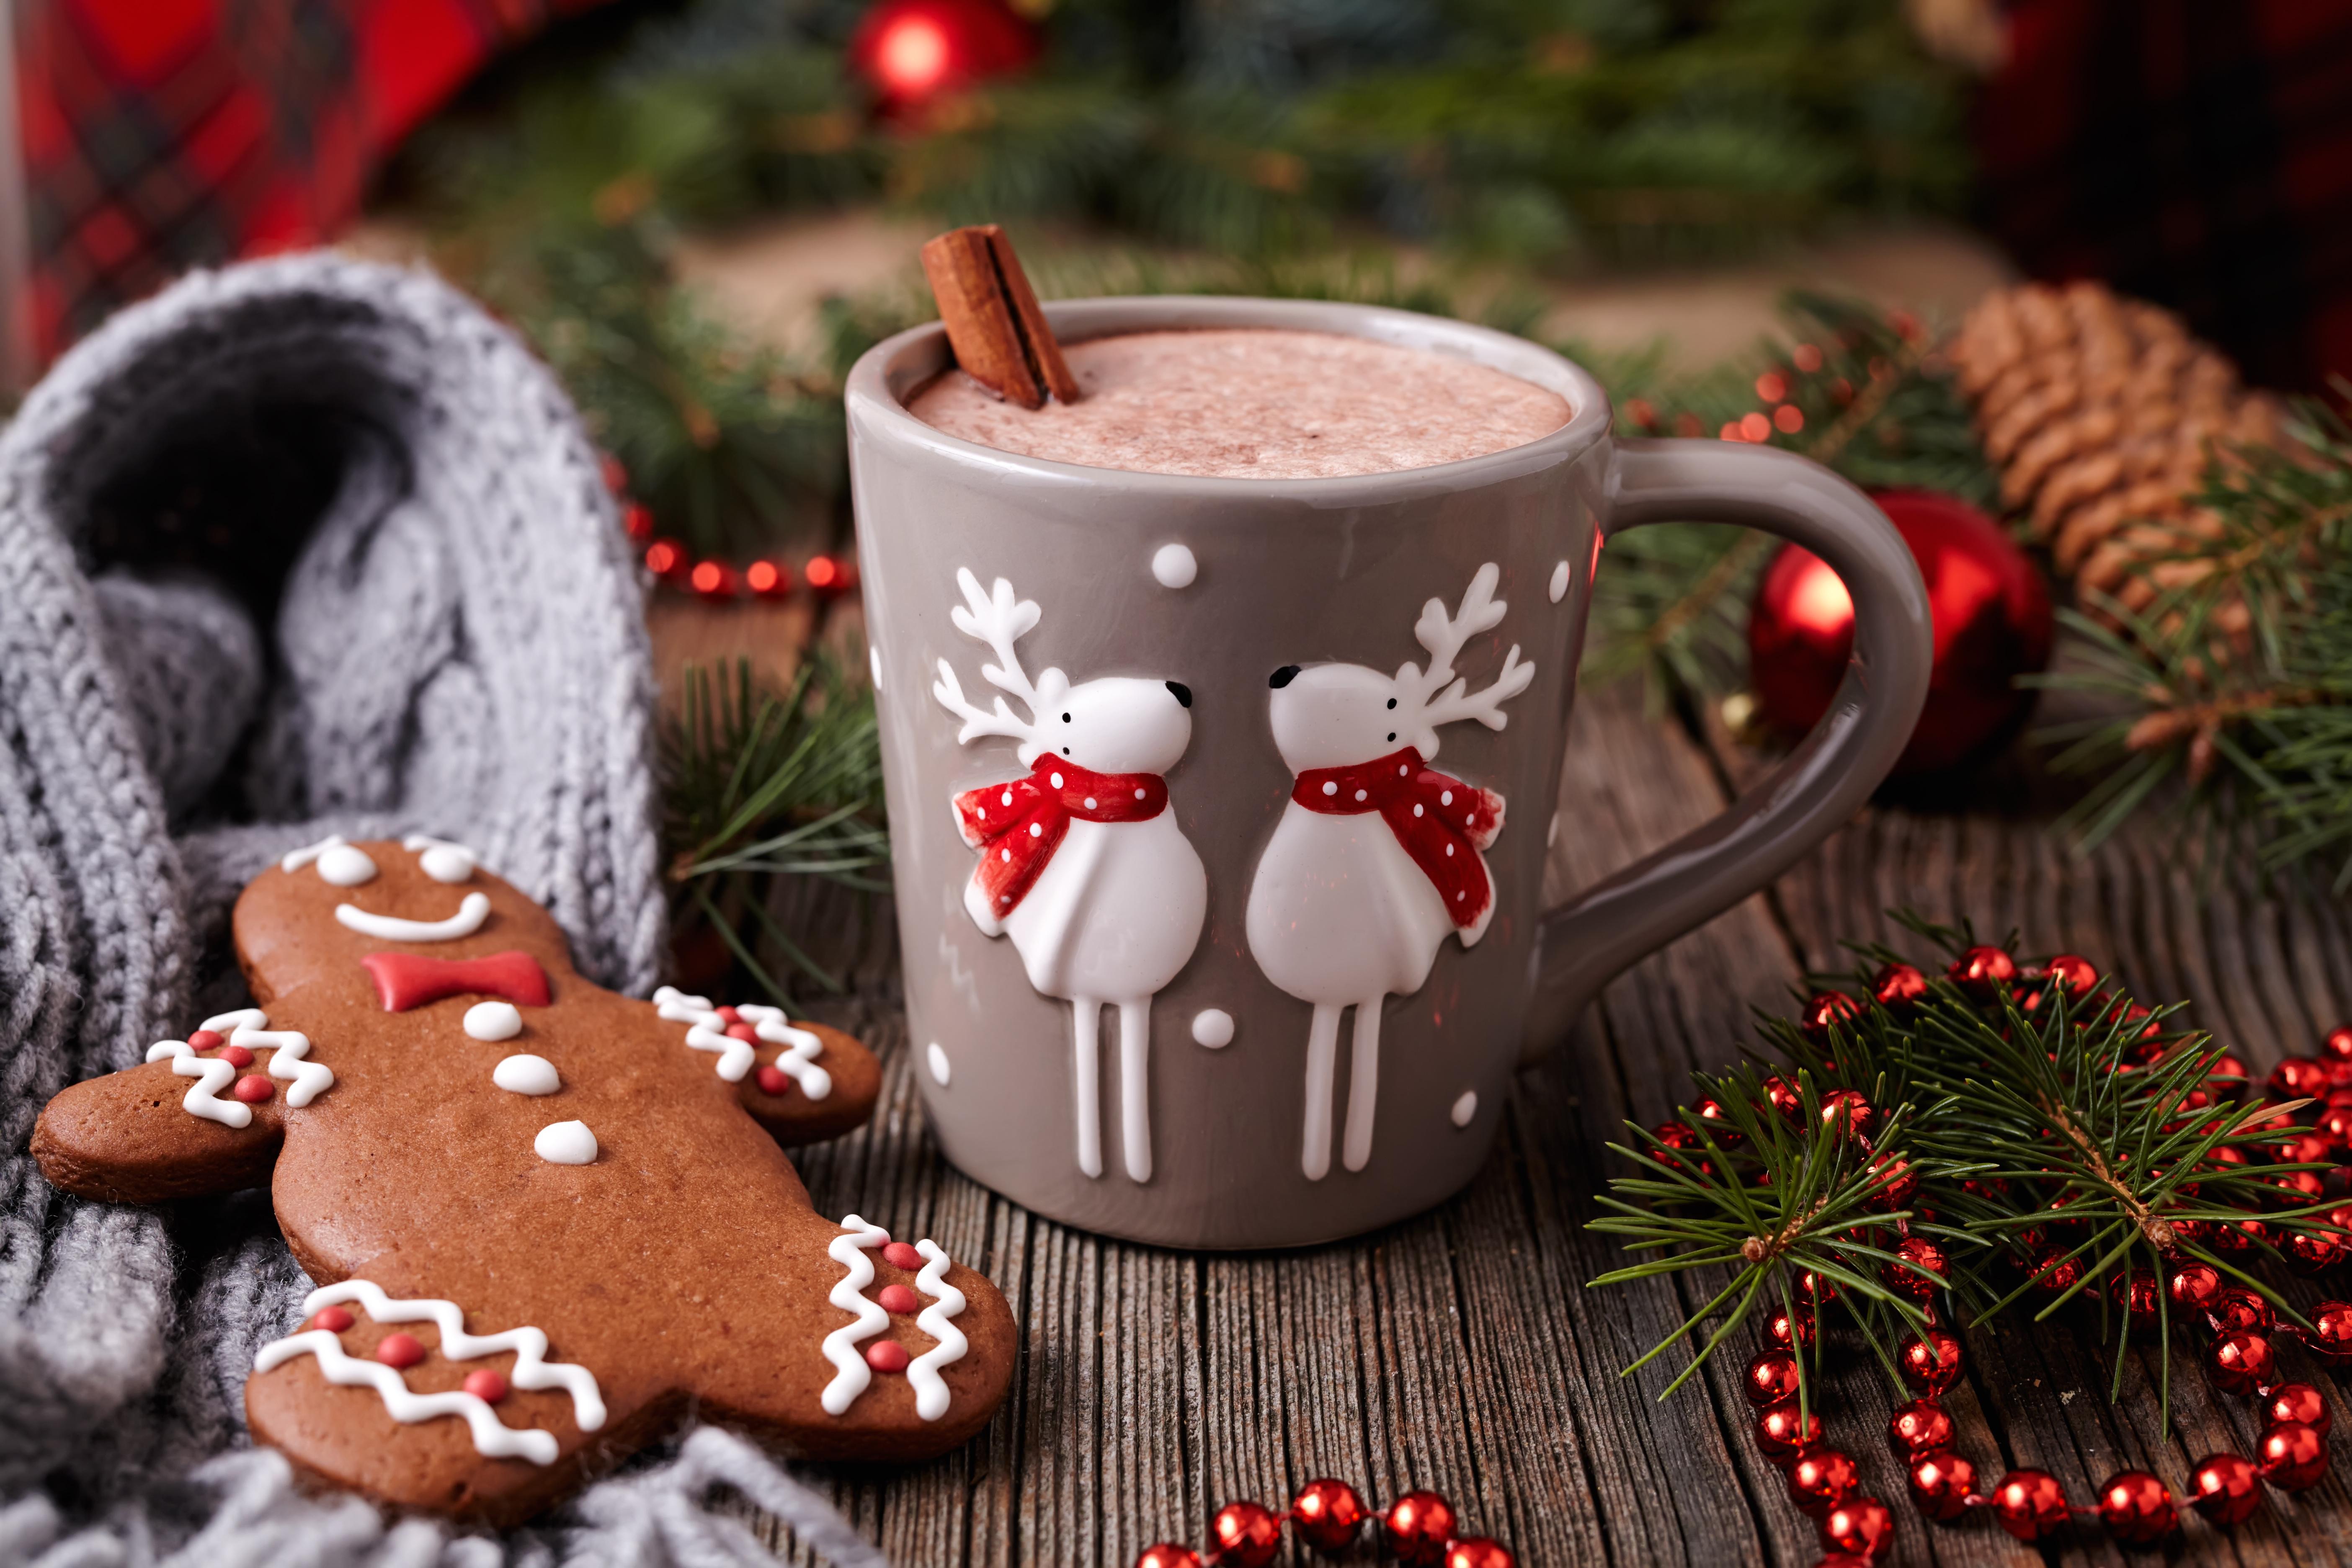 еда печенье кружка food cookies mug  № 2147283 бесплатно